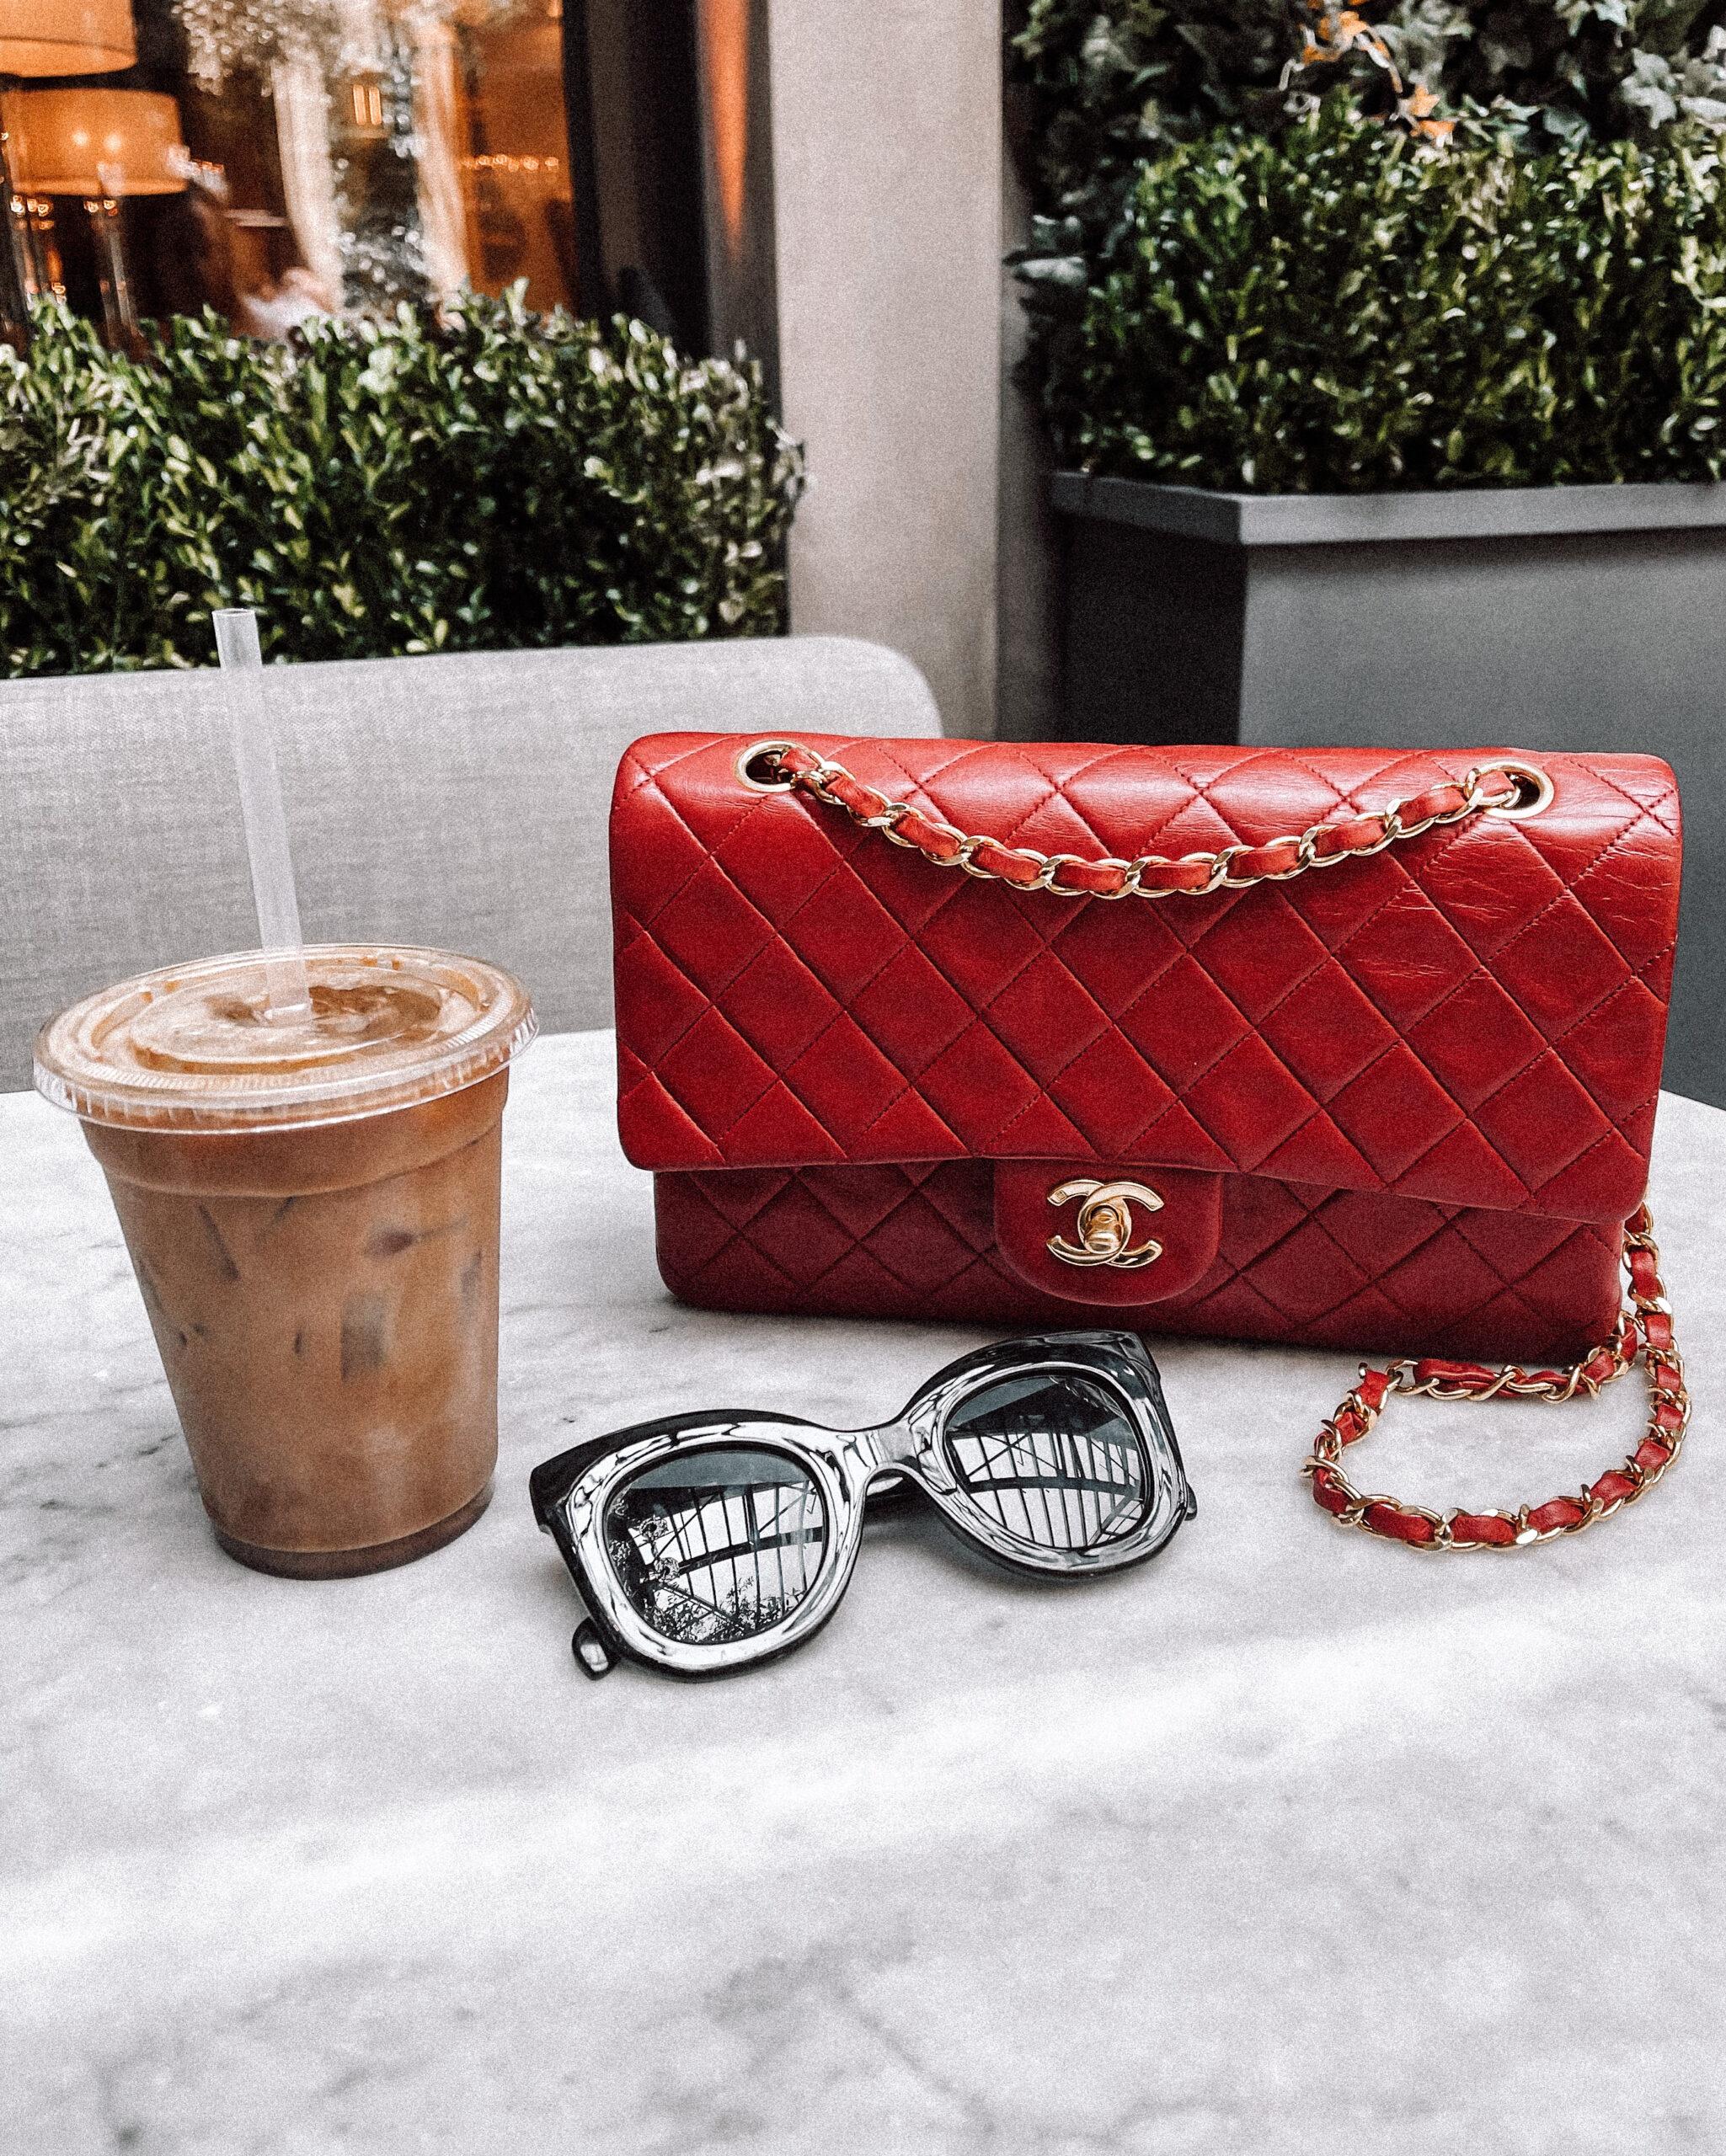 Fashion Jackson Red Chanel Handbag Black Sunglasses Iced Coffee